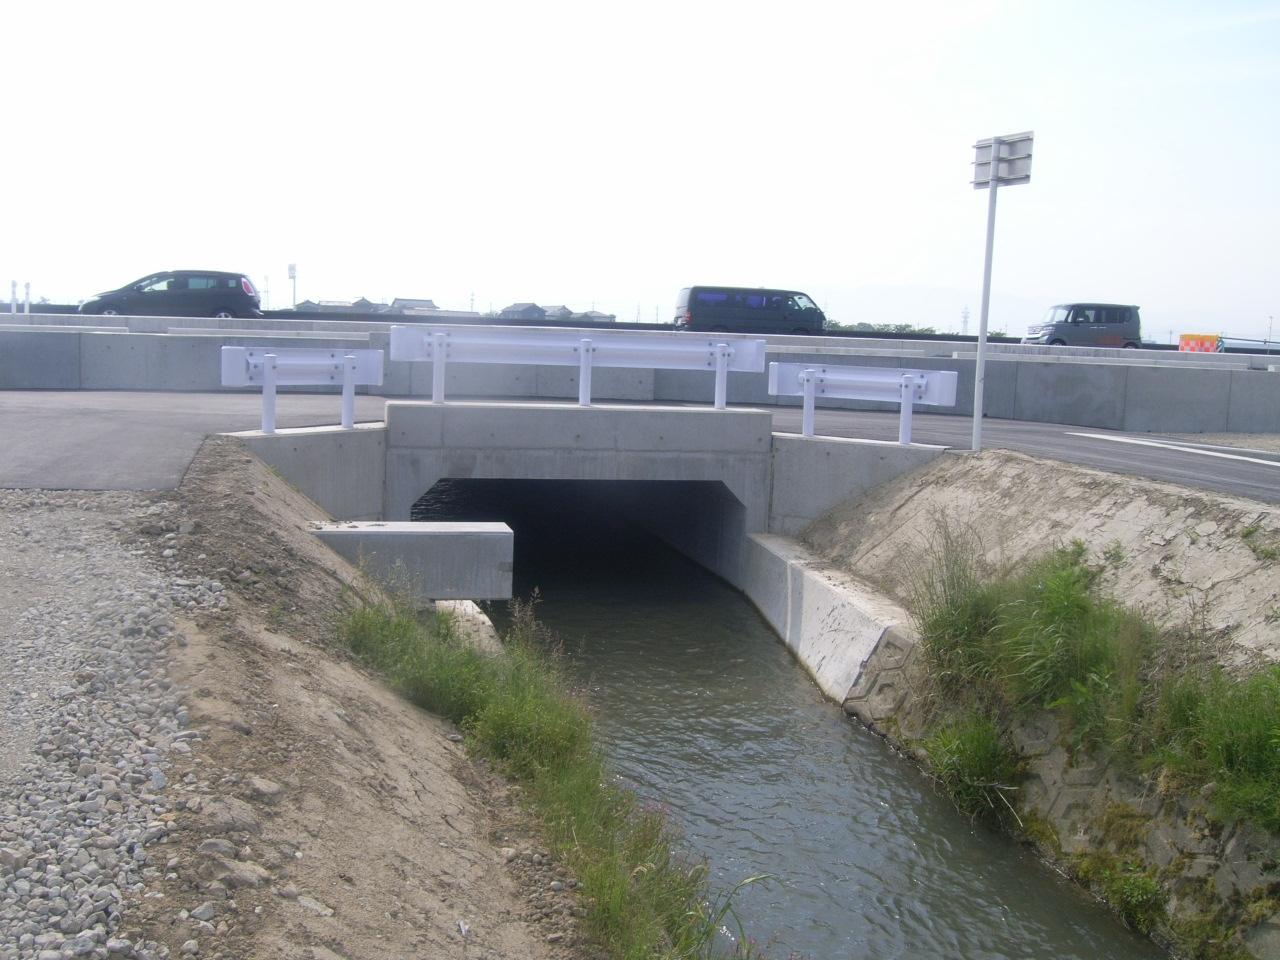 主要地方道 金沢美川小松線 いしかわ広域交流幹線軸道路整備工事(水路工その2)